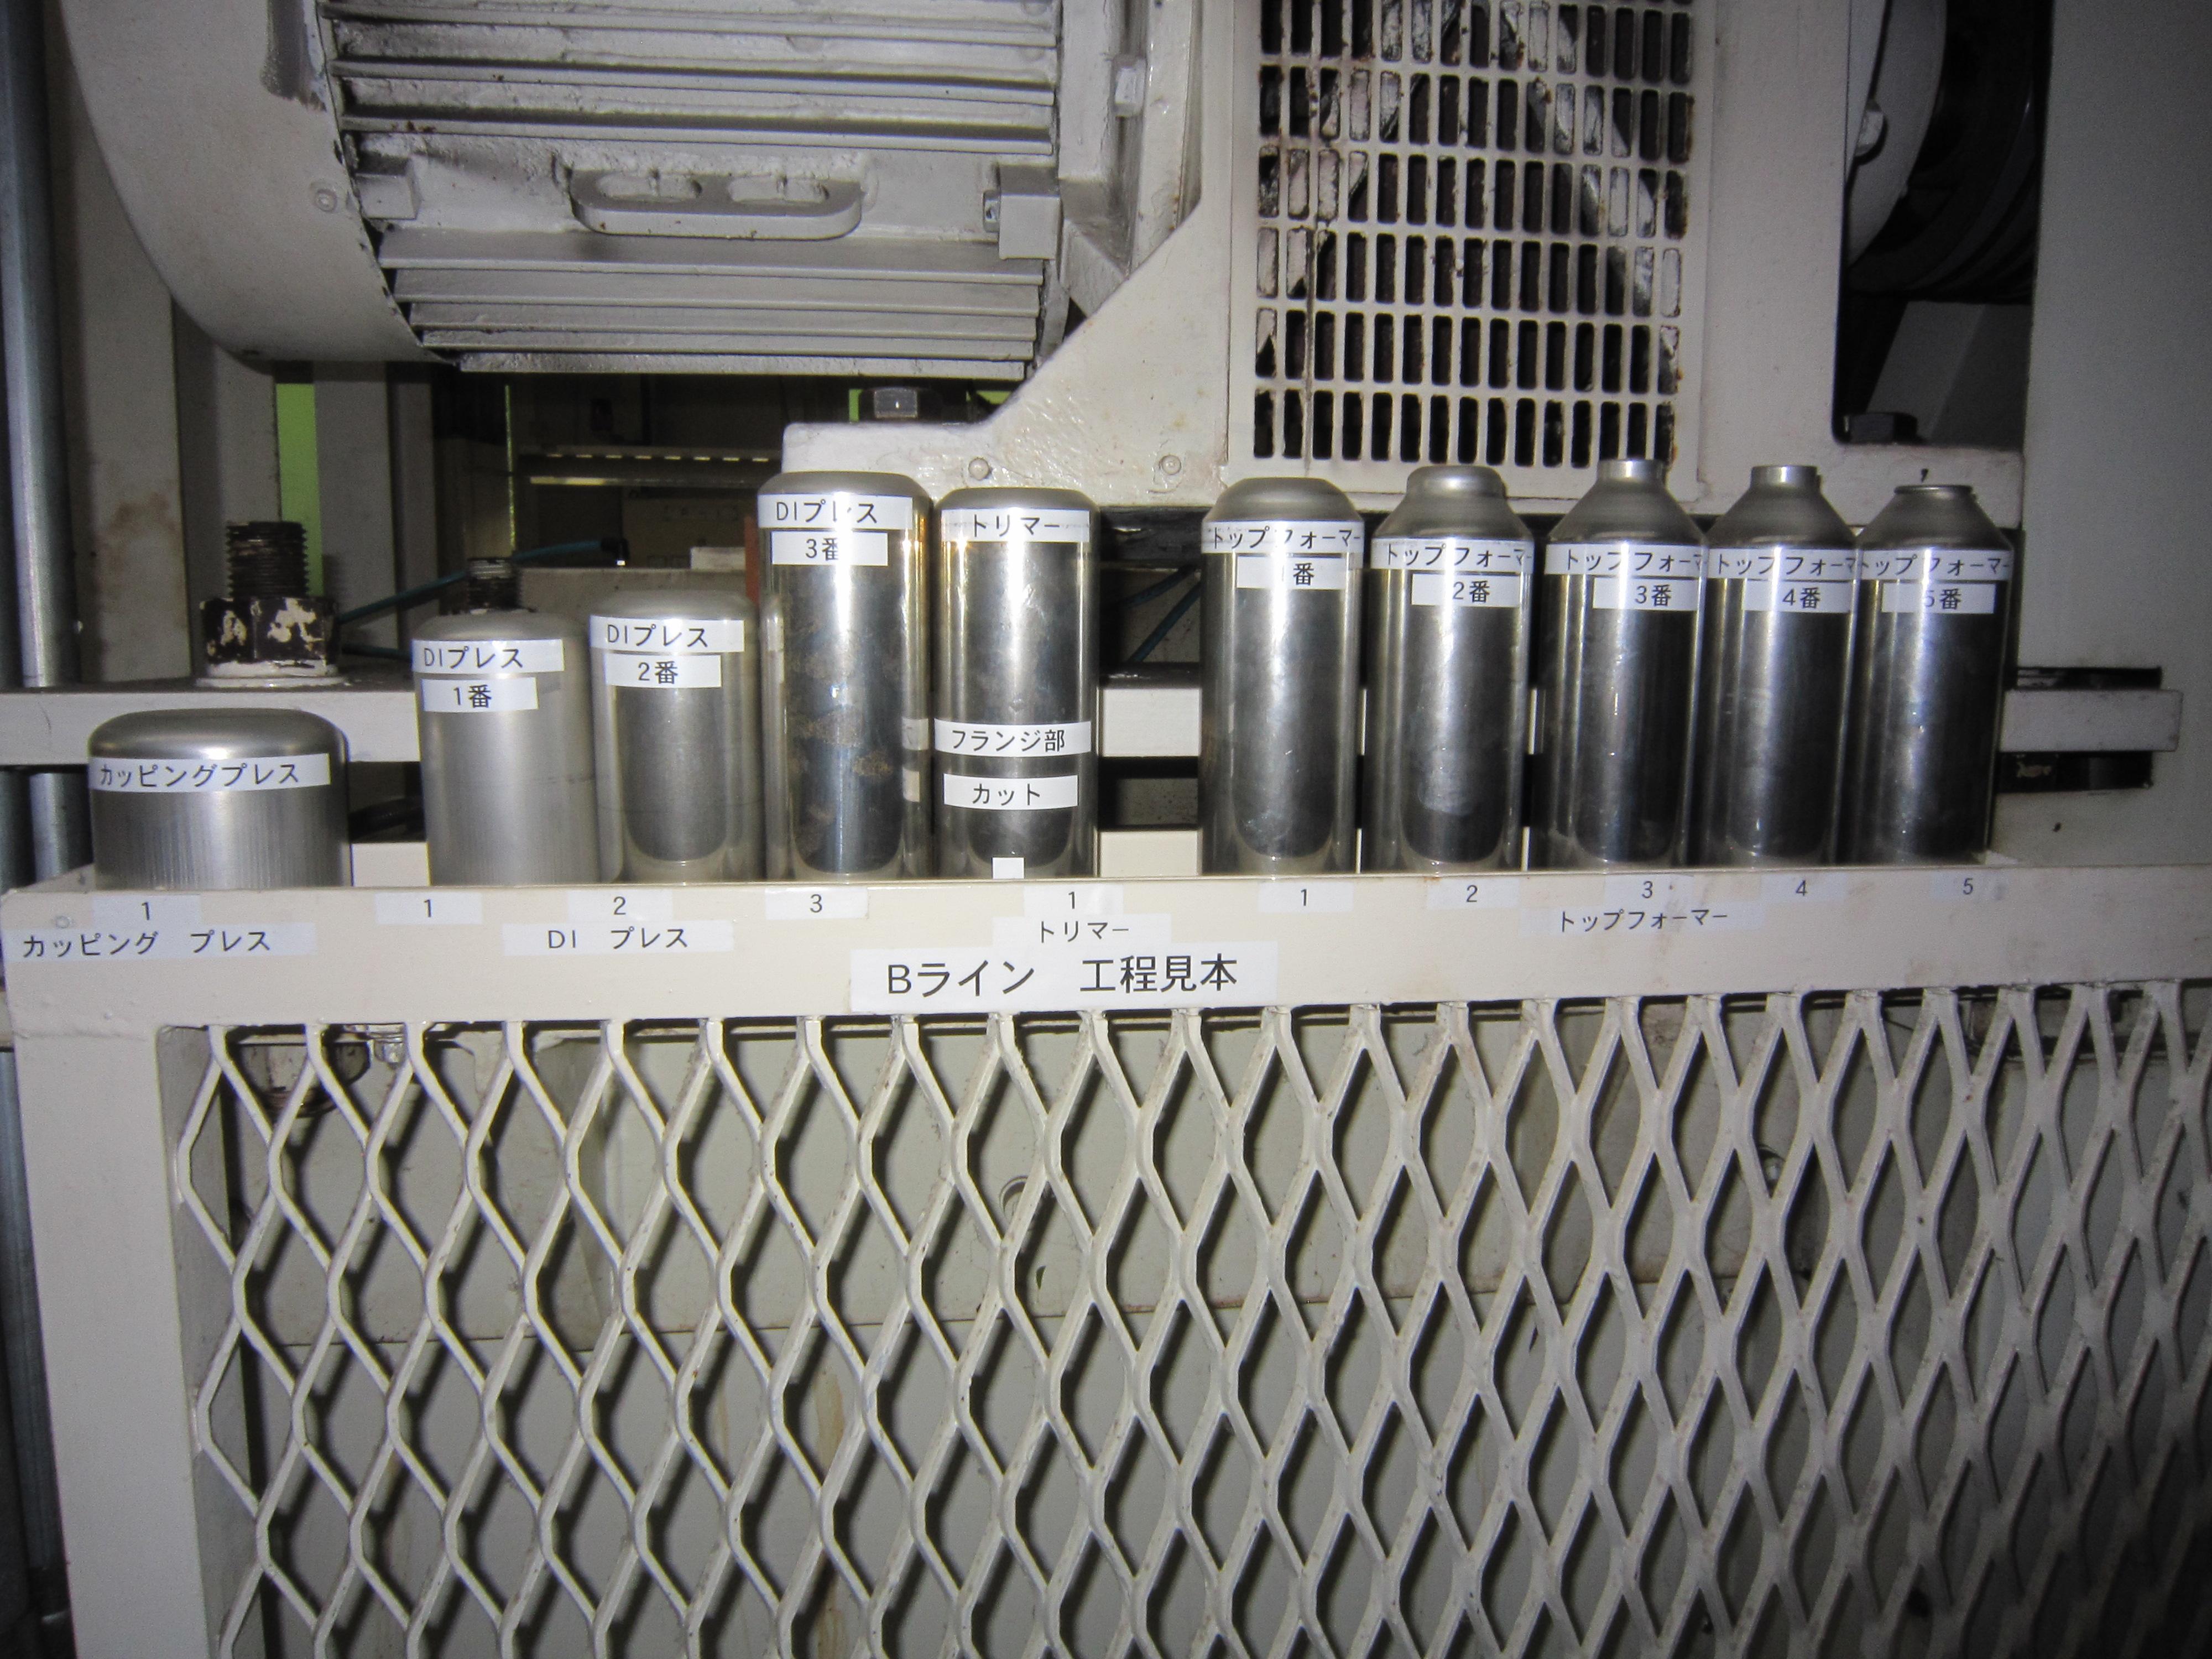 ツーピースのスプレー缶の制作工程